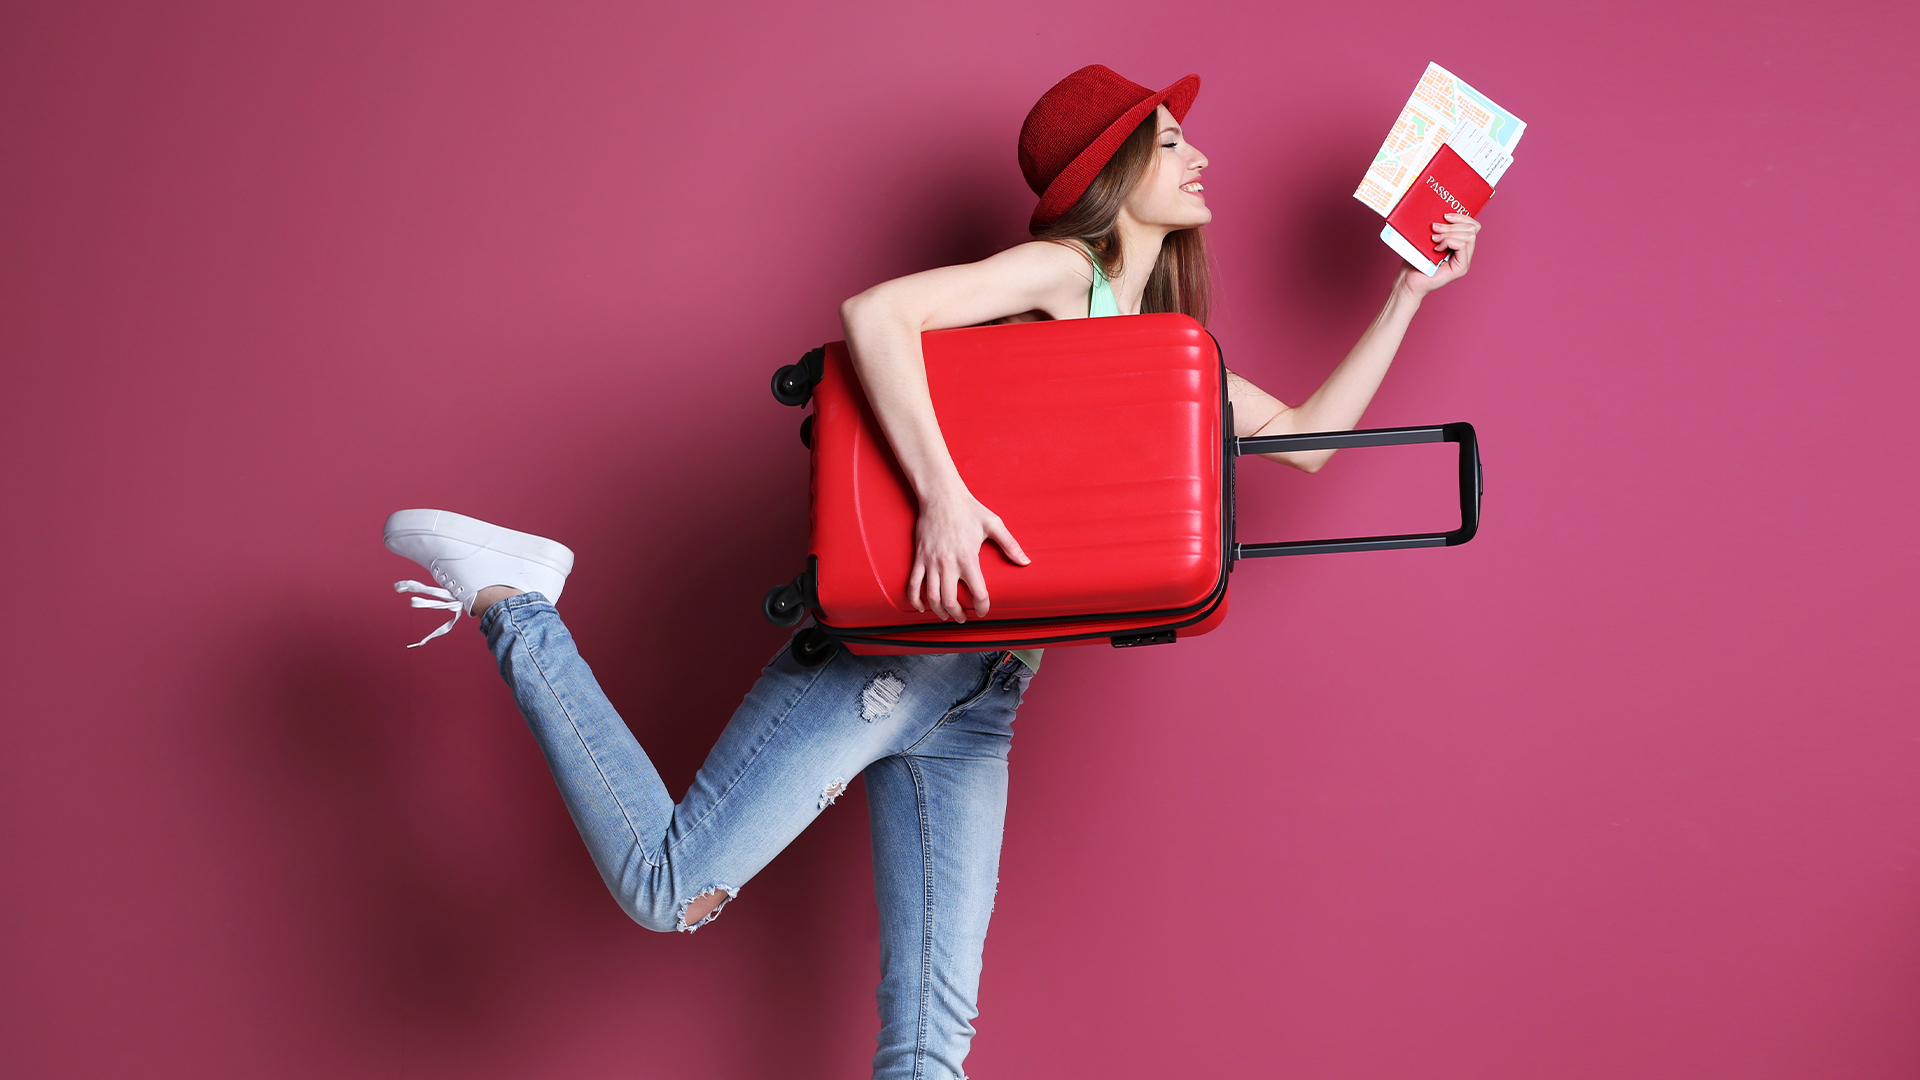 ragazza con valigia e passaporto pronta a viaggiare